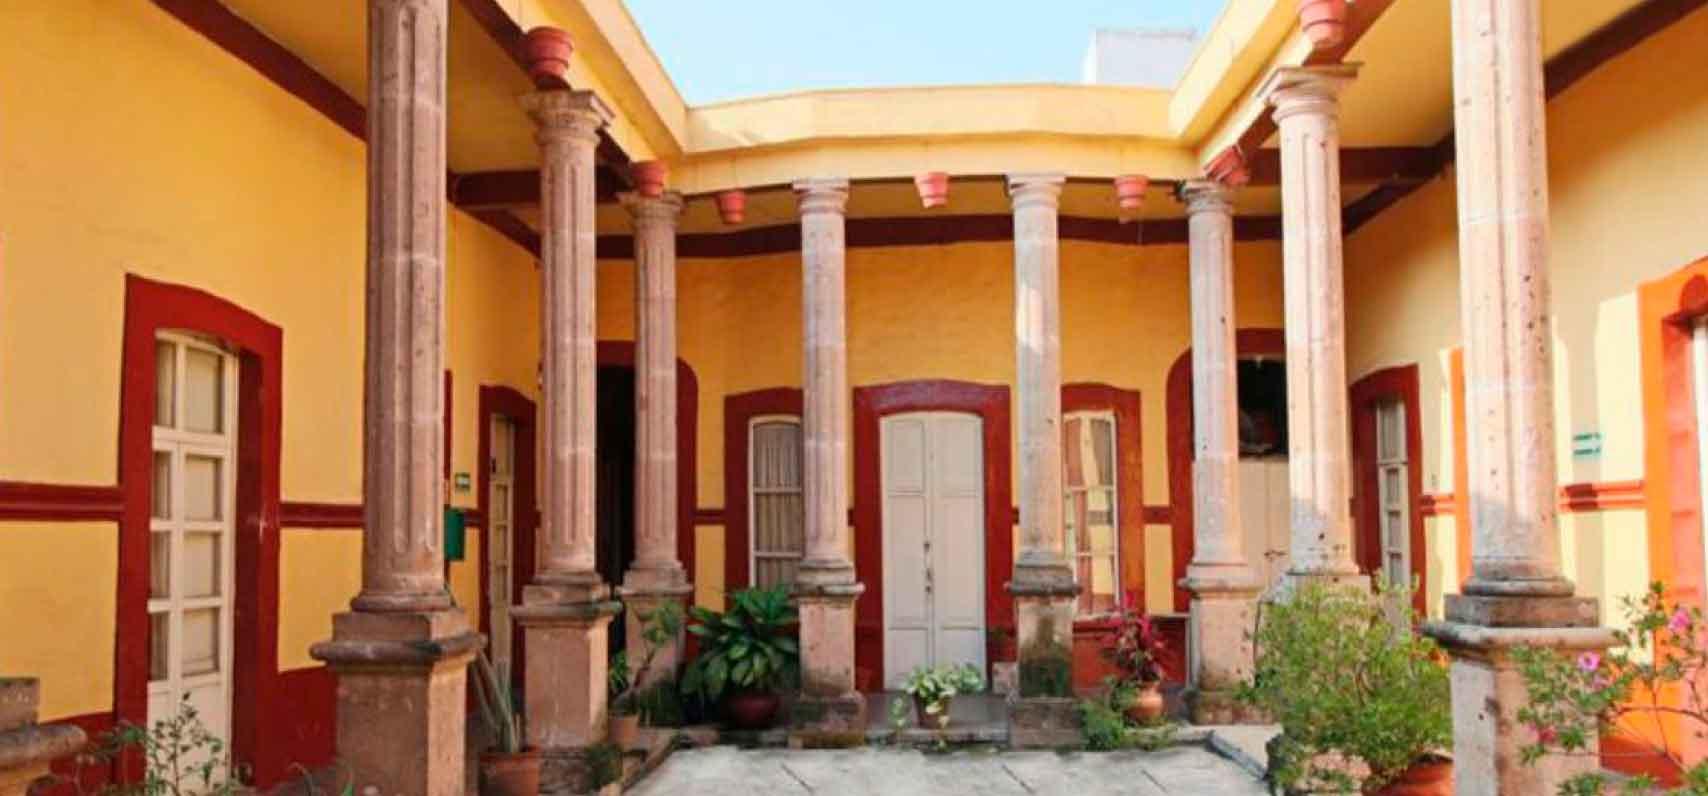 HOTEL EN VENTA EN EL CENTRO HISTORICO, MORELIA